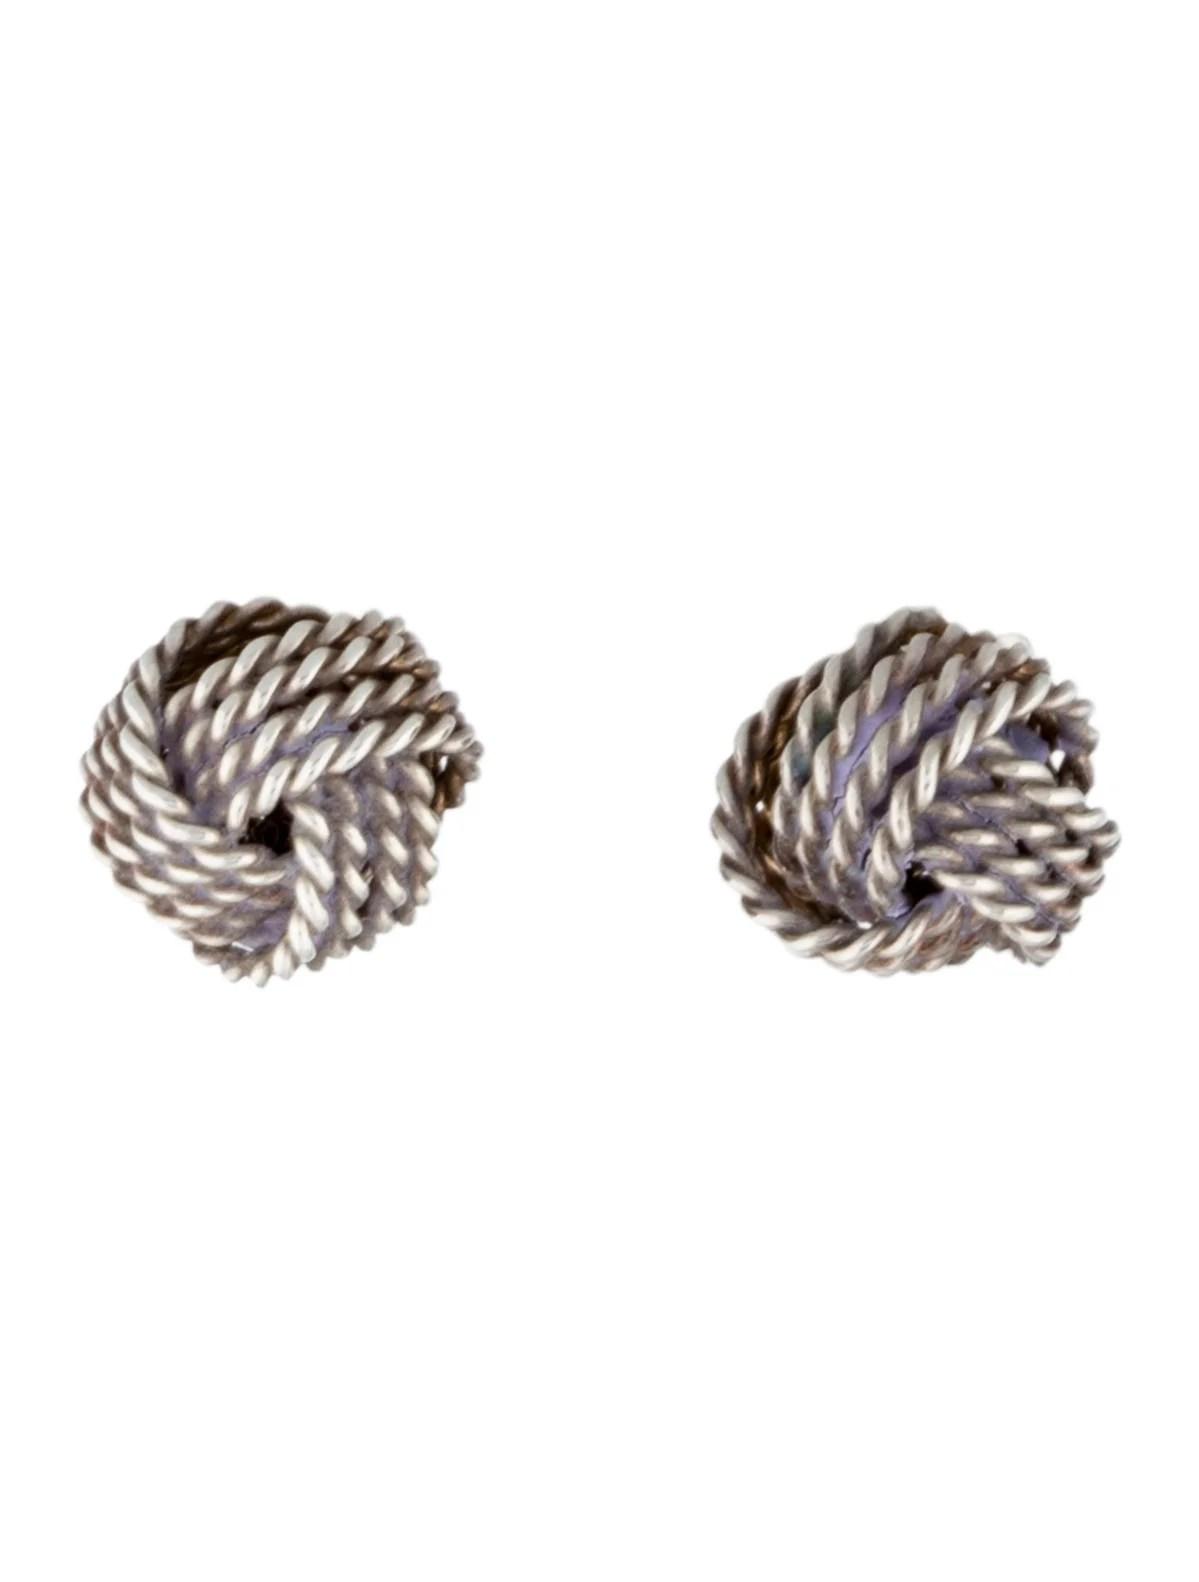 Tiffany & Co. 18K Twist Knot Earrings